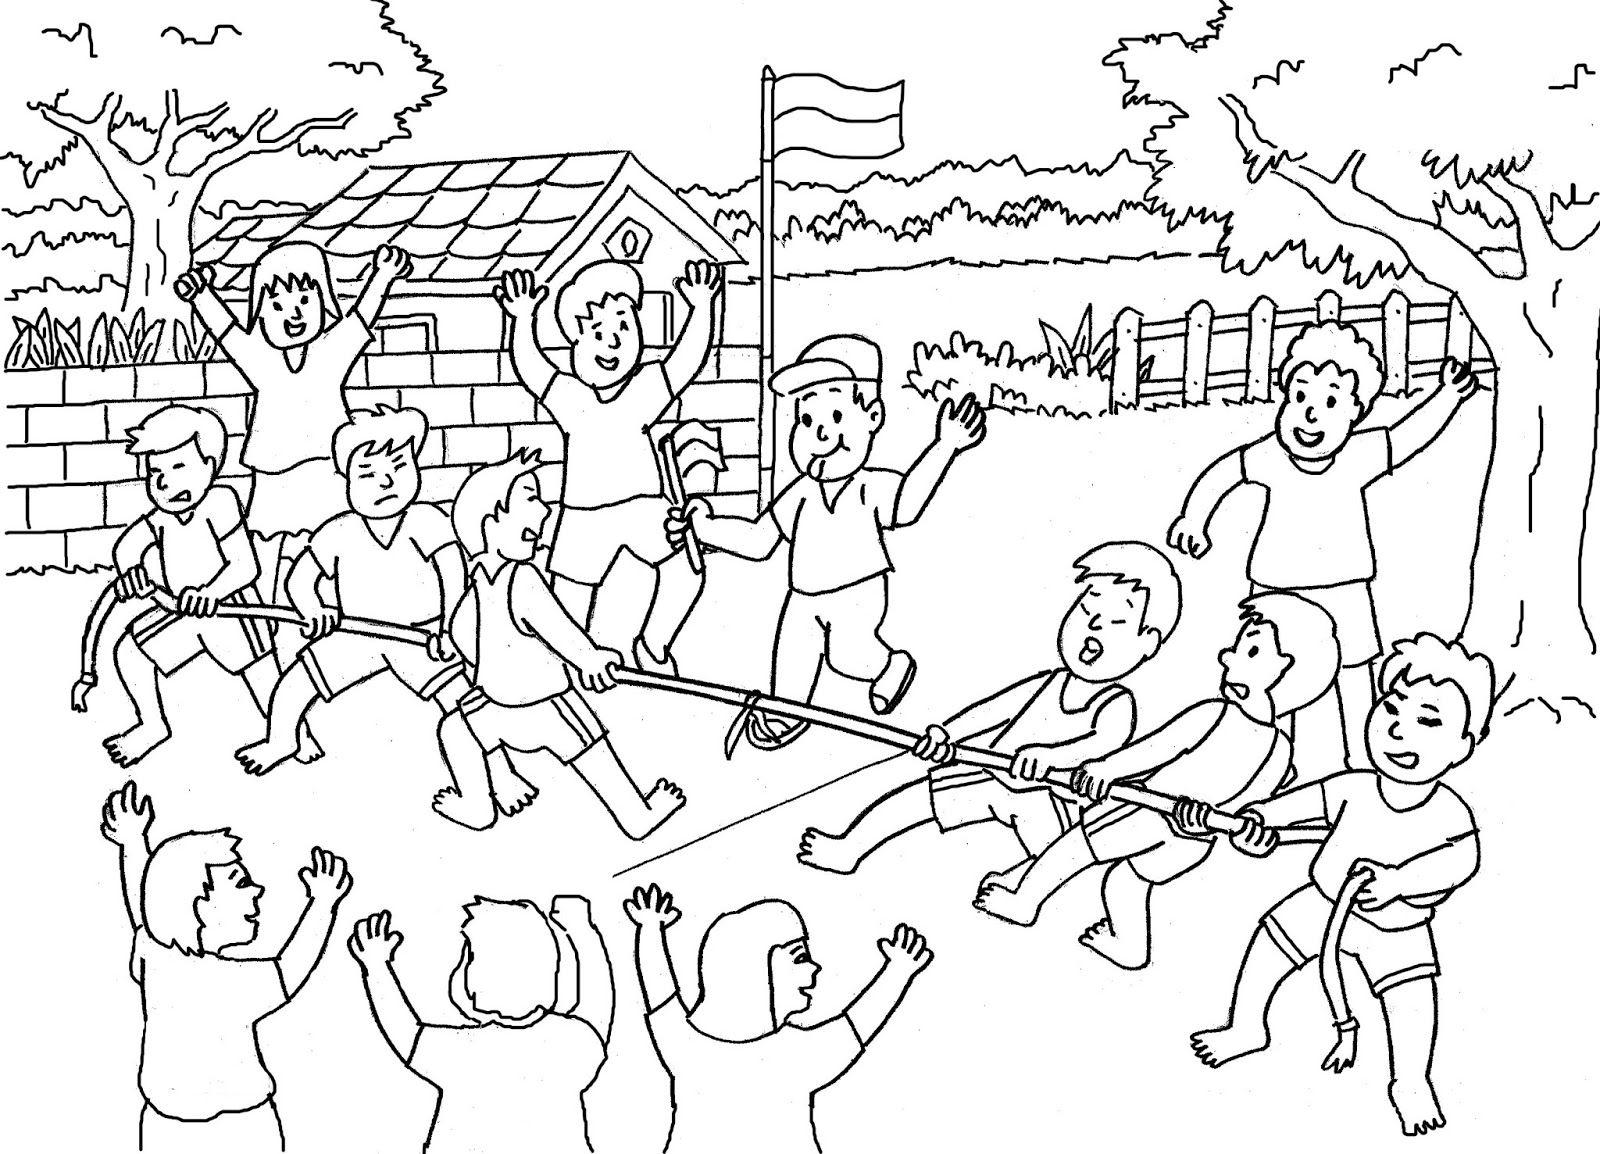 gambar untuk lomba mewarnai anak paud tema kemerdekaan